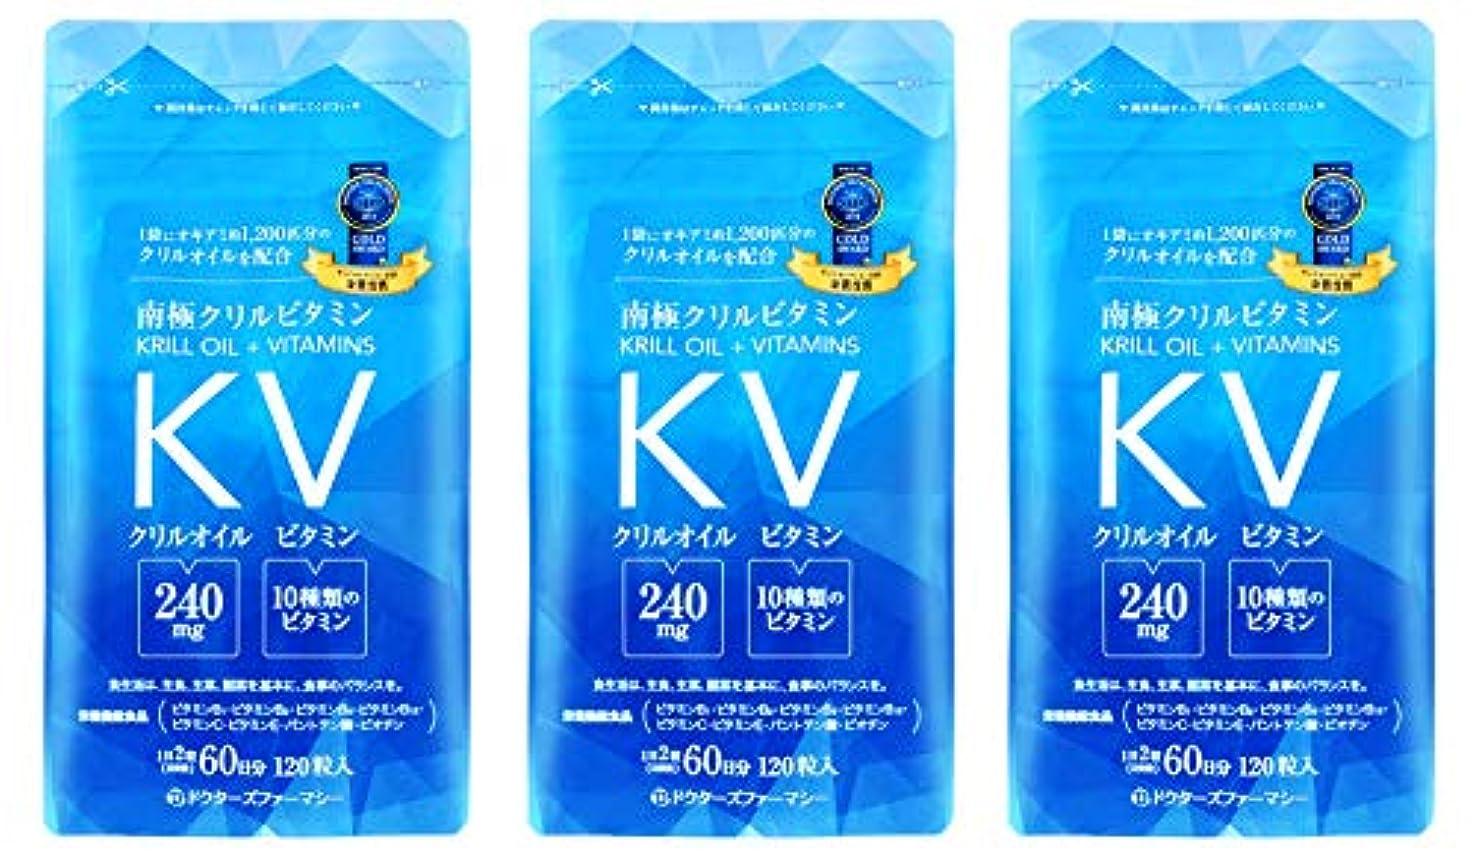 名声困惑したホステルドクターズファーマシー 南極クリルビタミン 120粒 × 3袋 【オキア抽出物+ビタミン類含有加工食品】